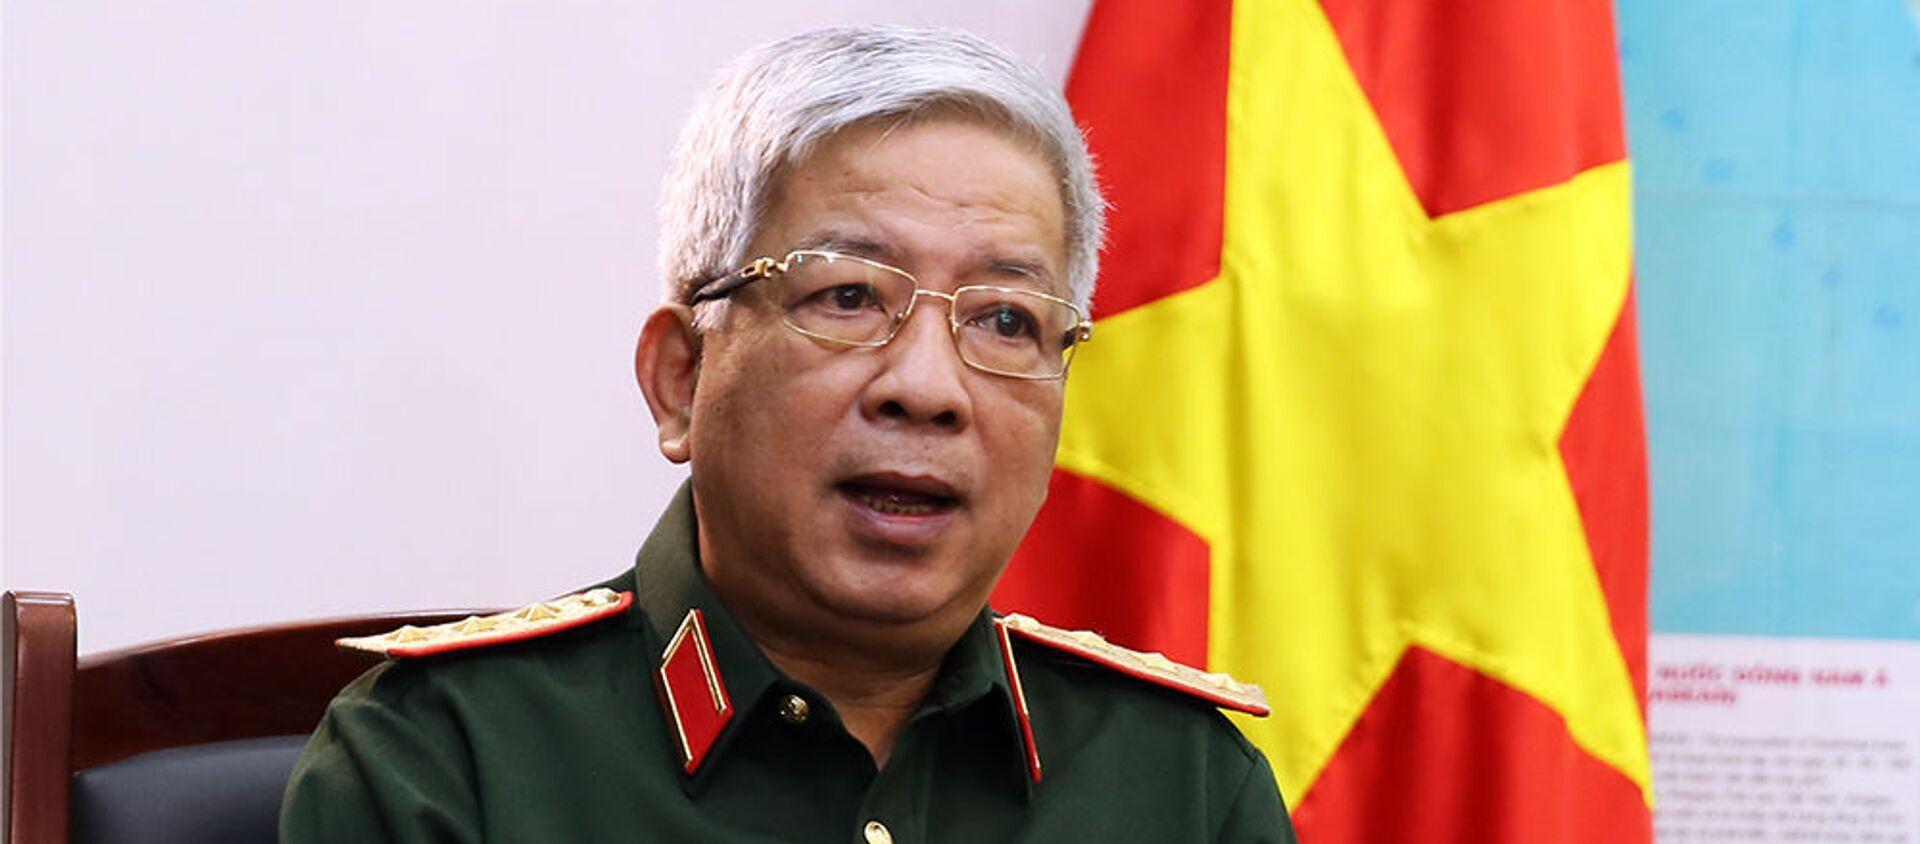 Thứ trưởng Bộ Quốc phòng Nguyễn Chí Vịnh - Sputnik Việt Nam, 1920, 14.06.2019